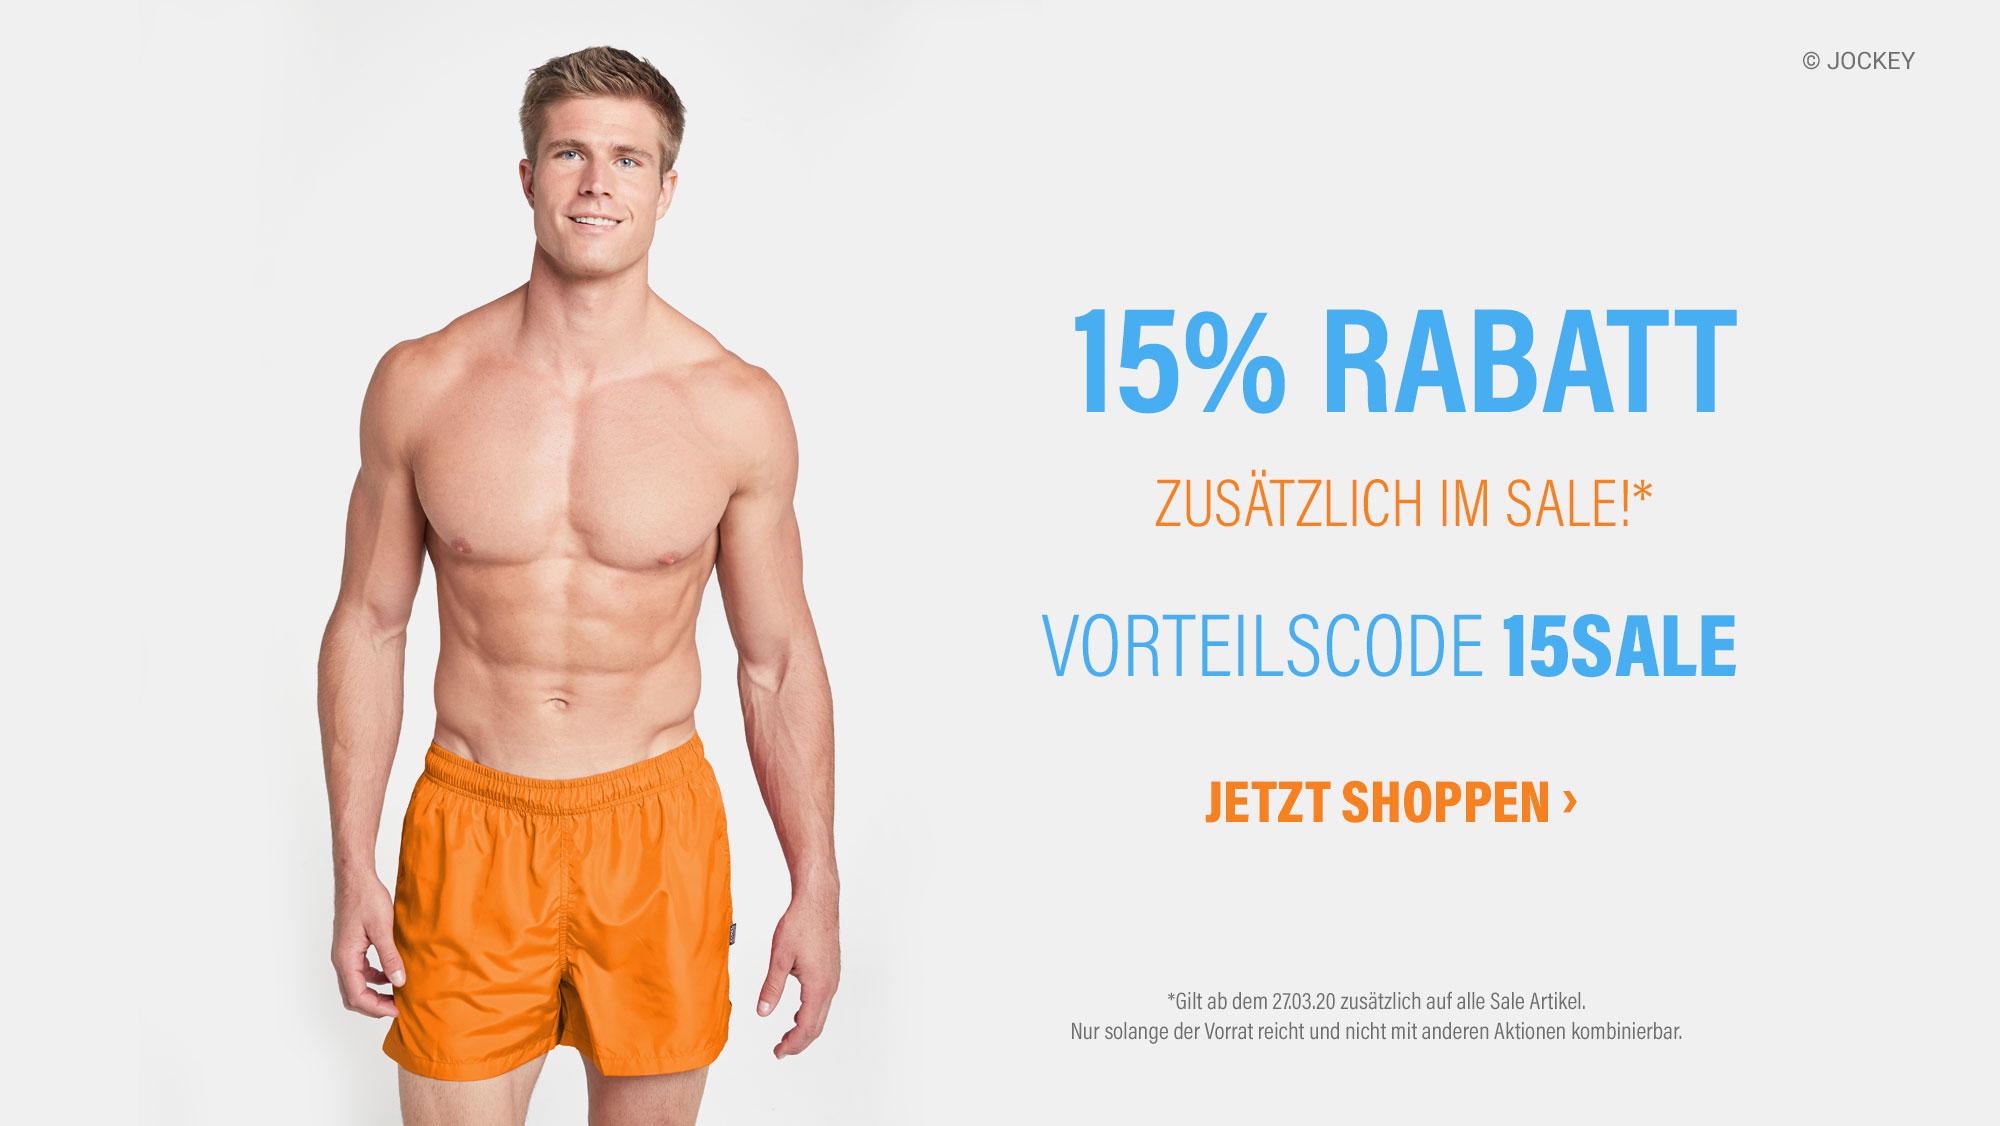 15% Rabatt zusätzlich im Sale